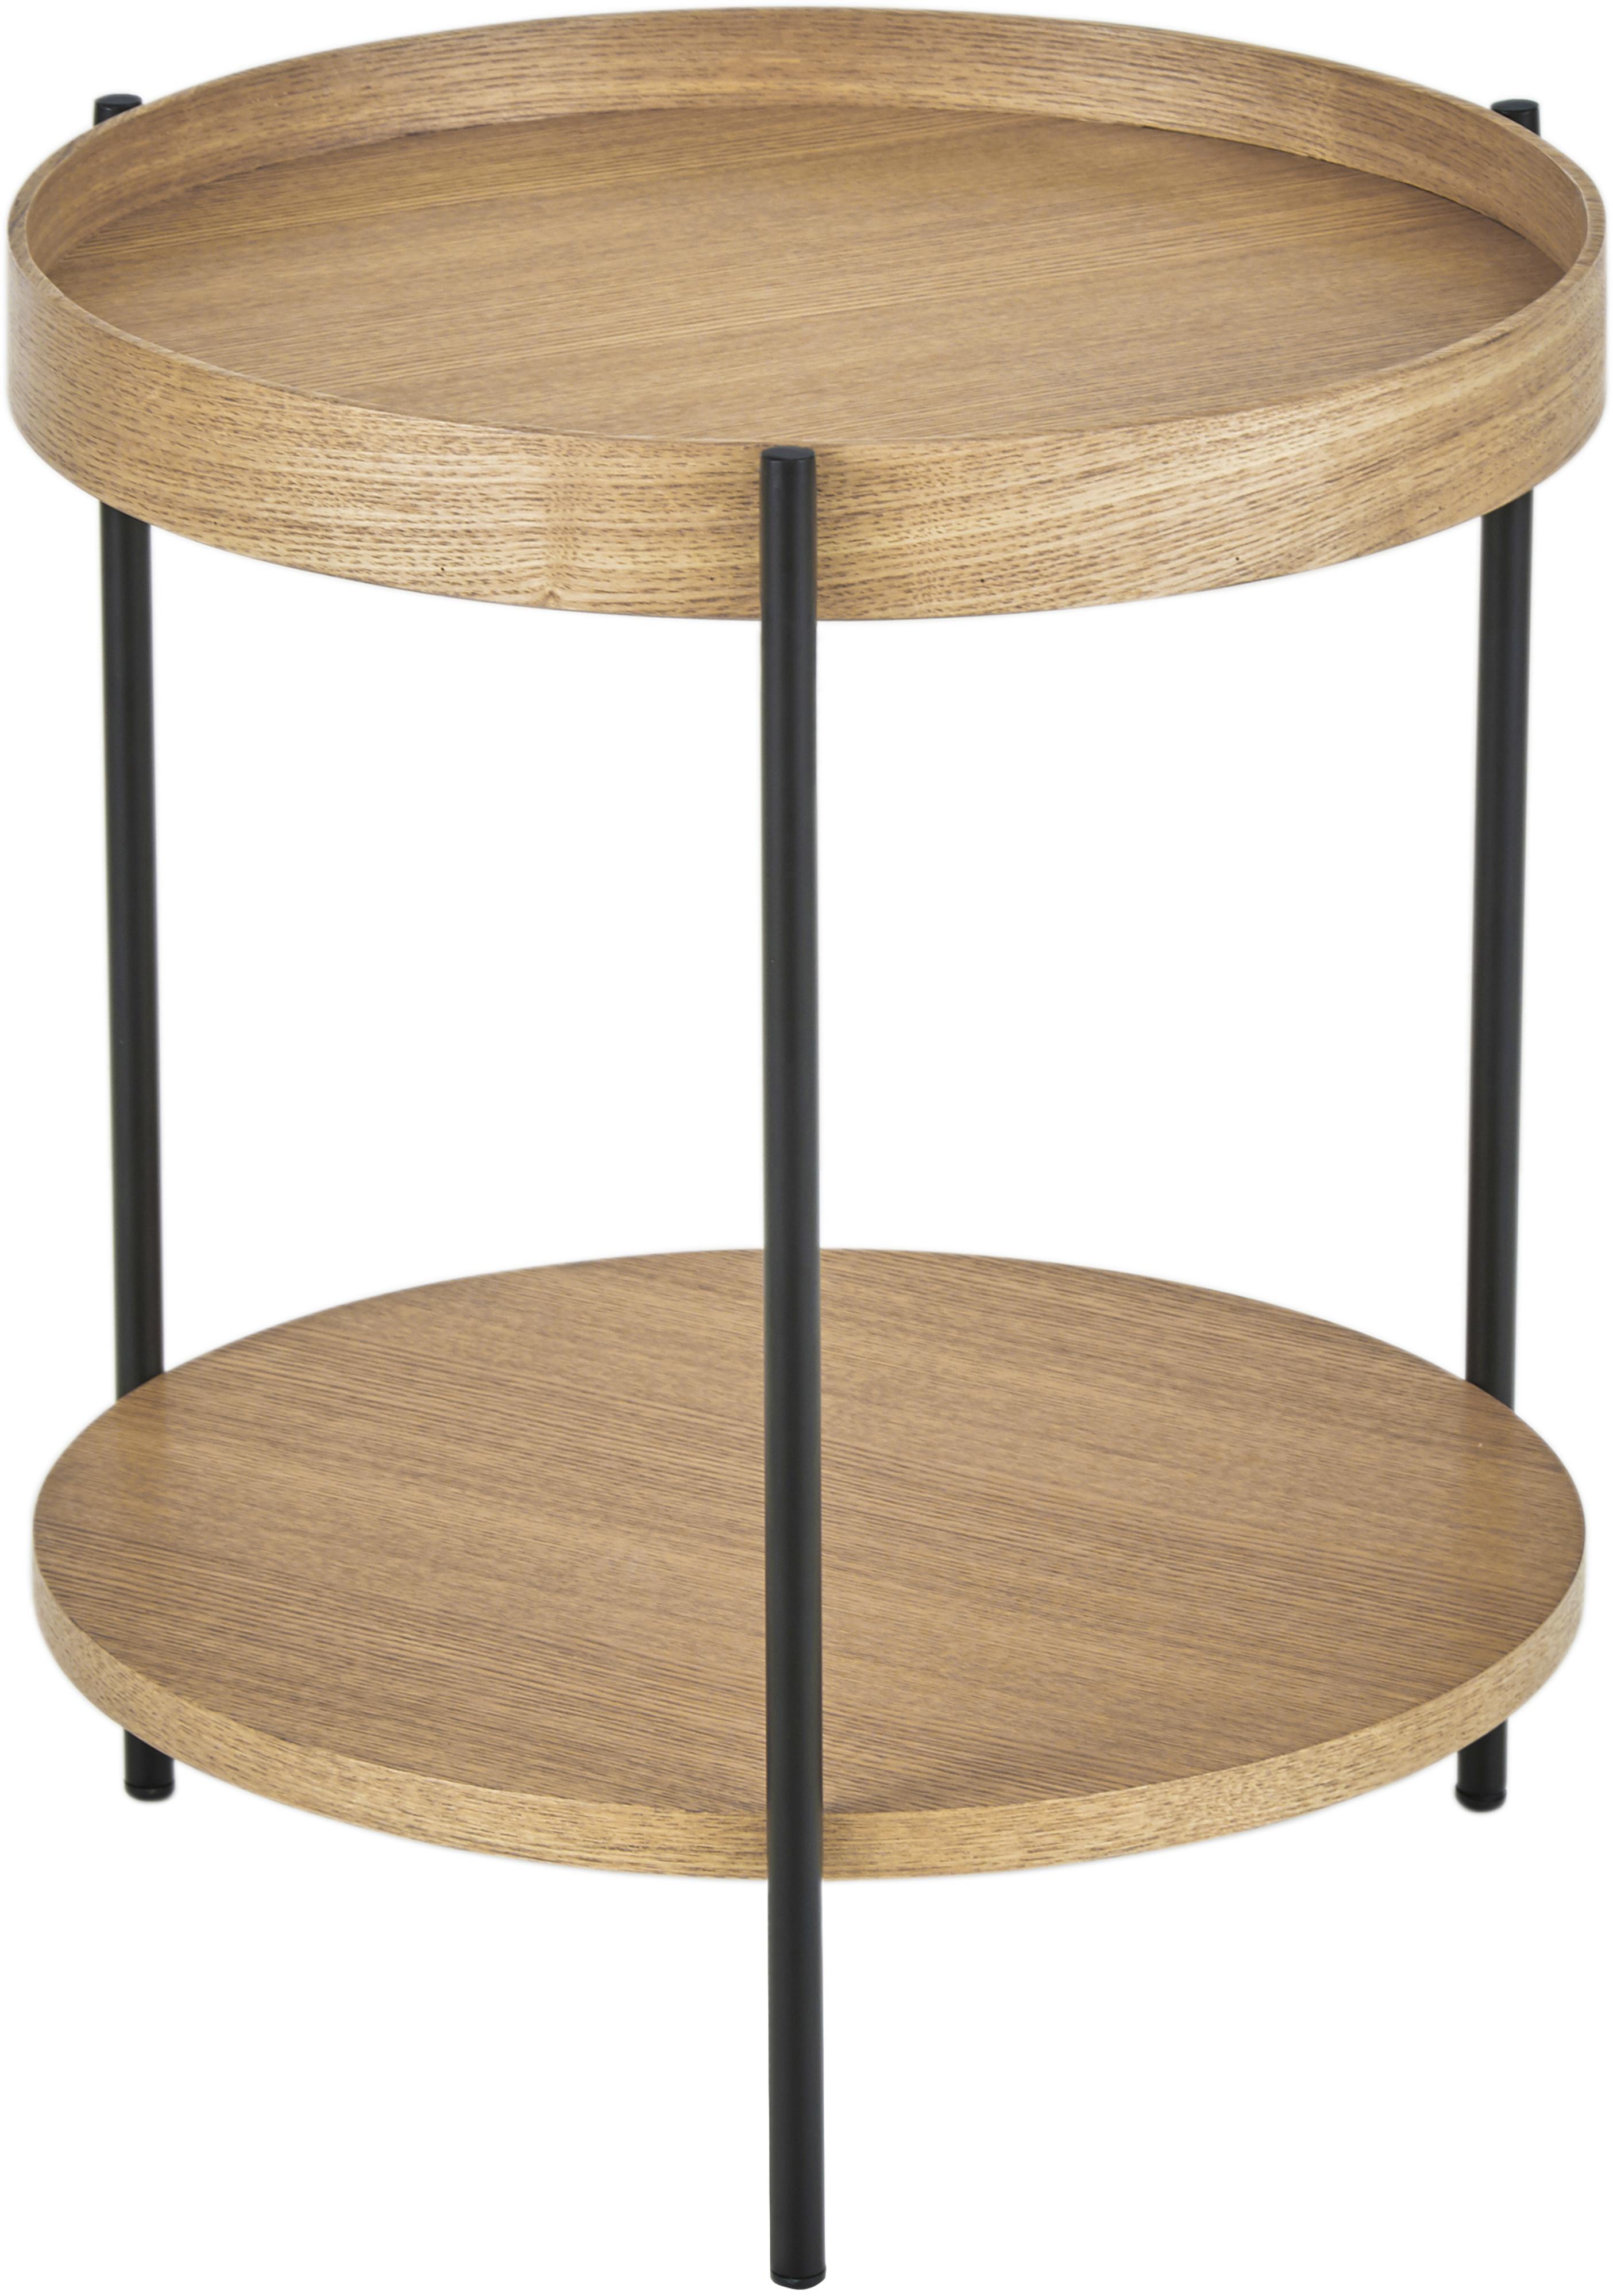 Mesa auxiliar con estante Renee, Tablero: fibras de densidad media , Estructura: metal con pintura en polv, Beige, Ø 44 x Al 49 cm